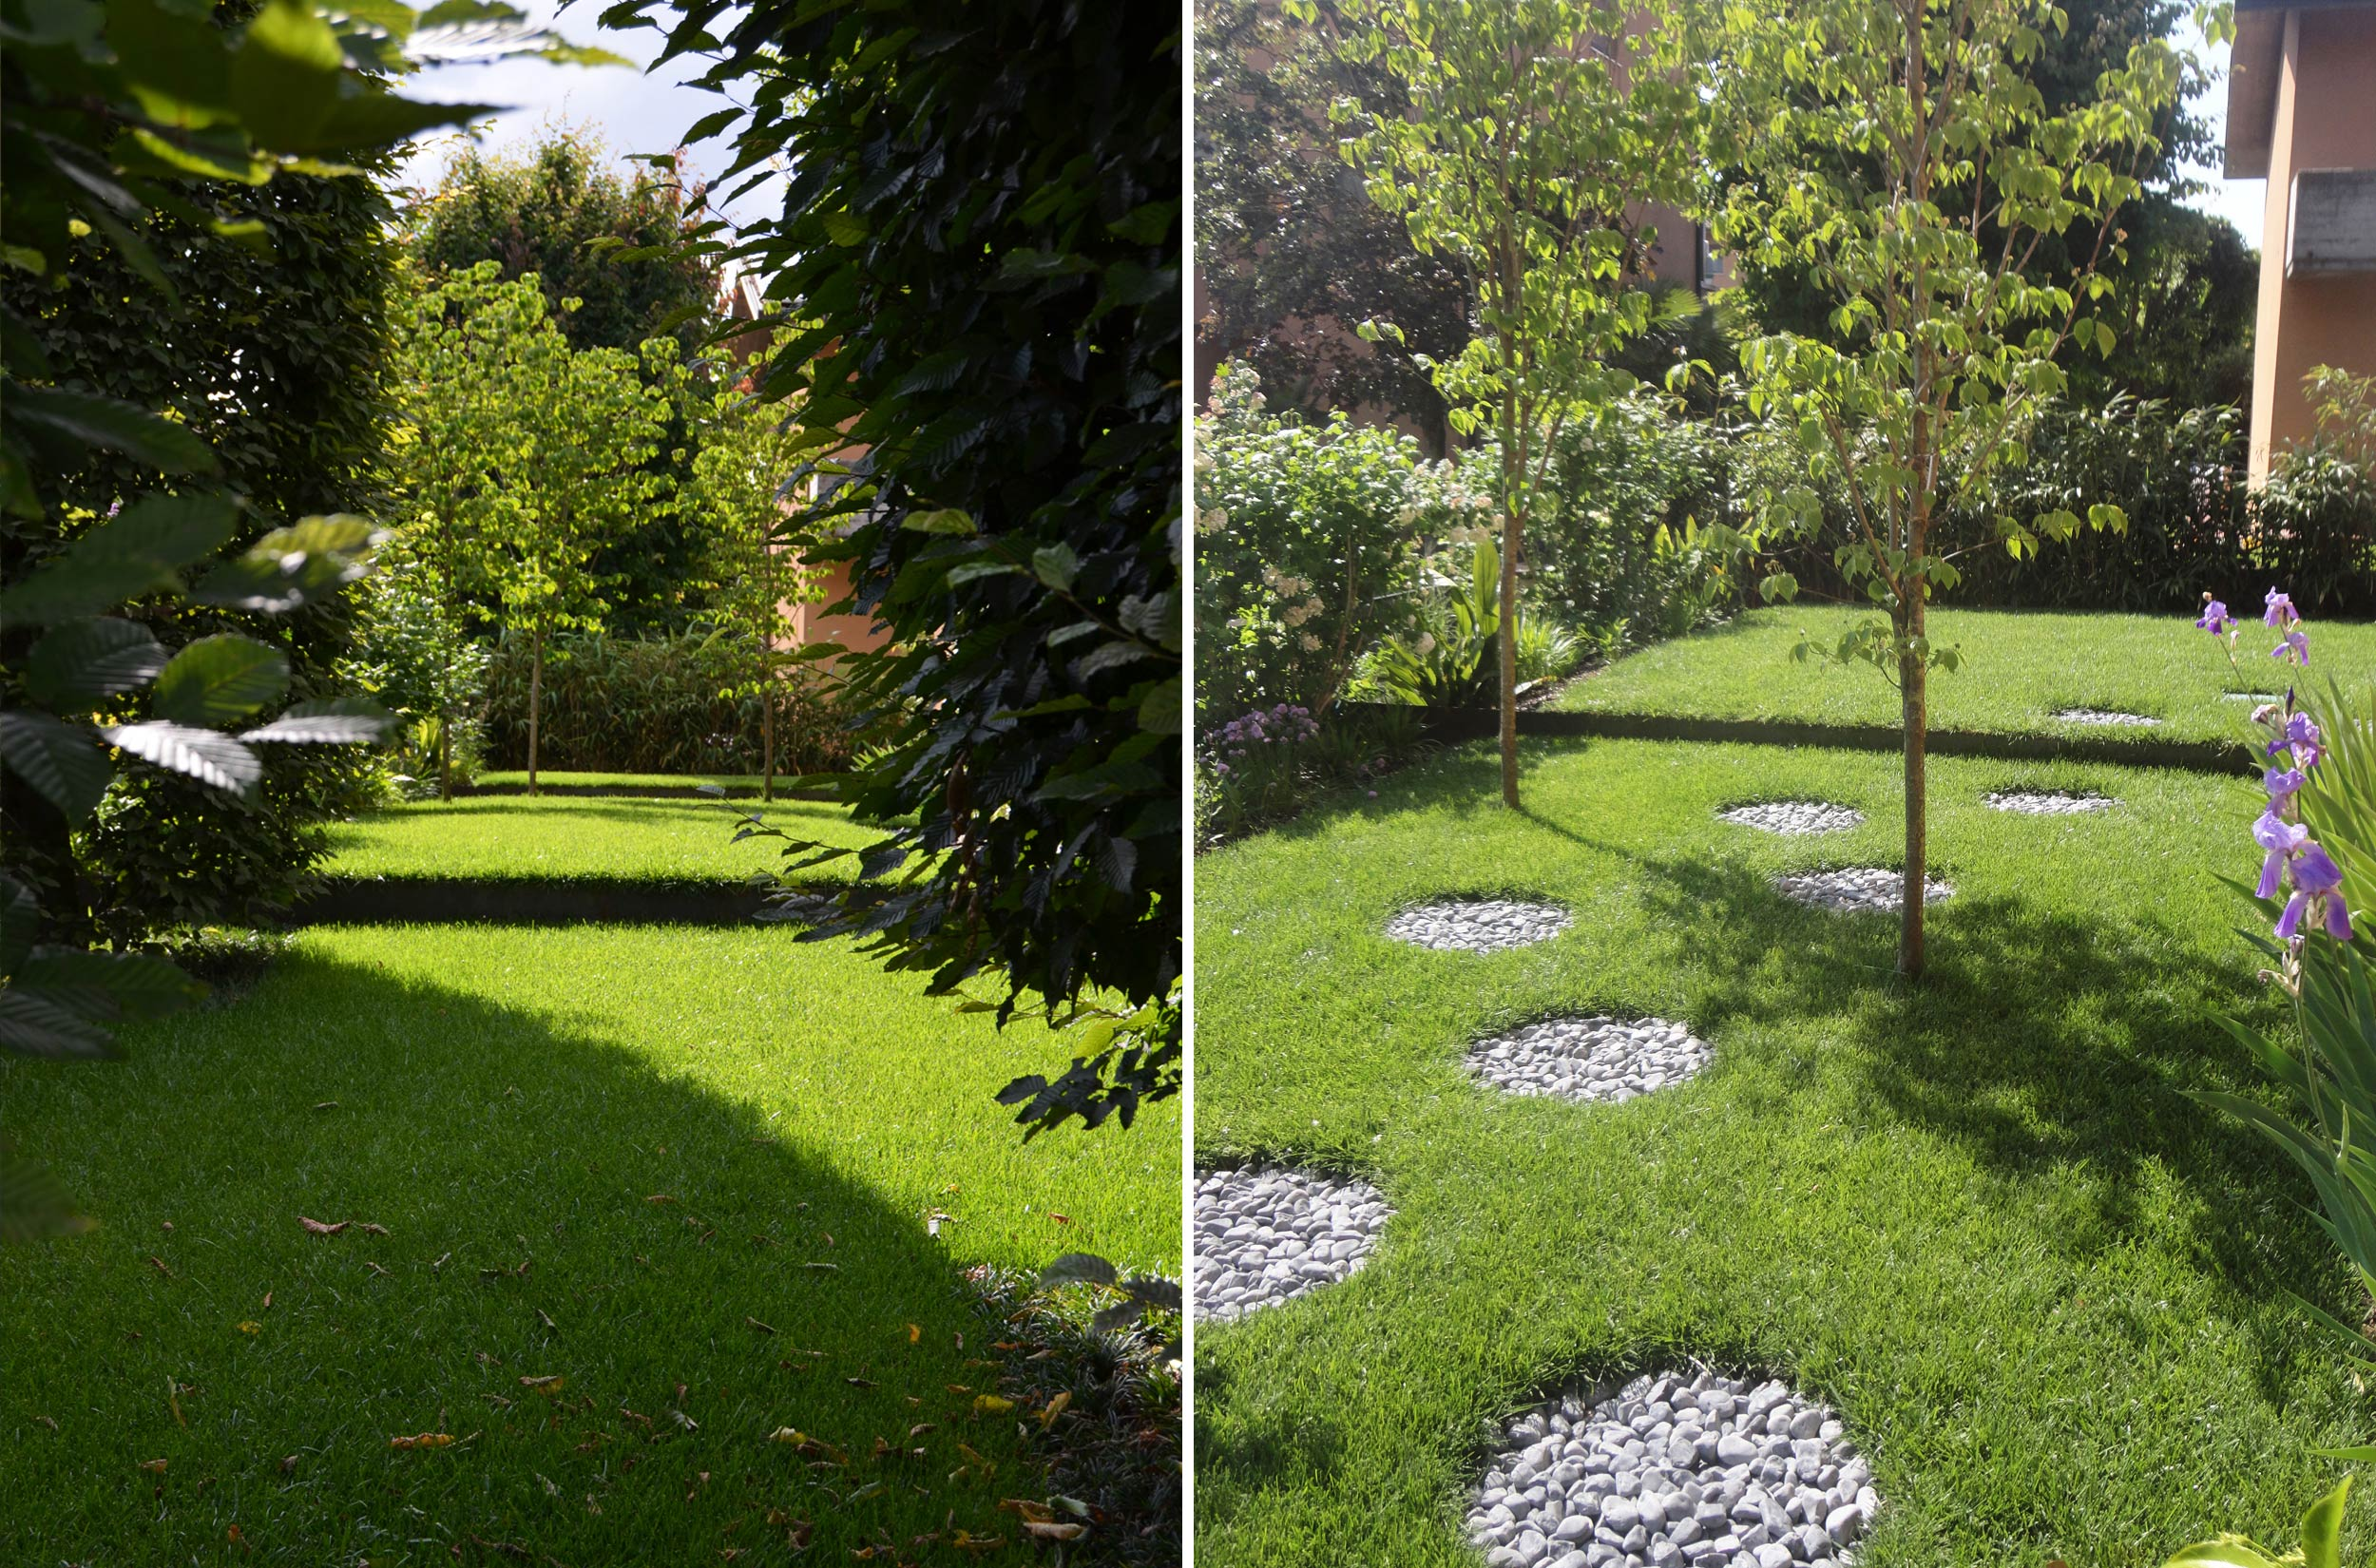 Giardino di abitazione privata leno bs progettazione - Giardini privati progetti ...